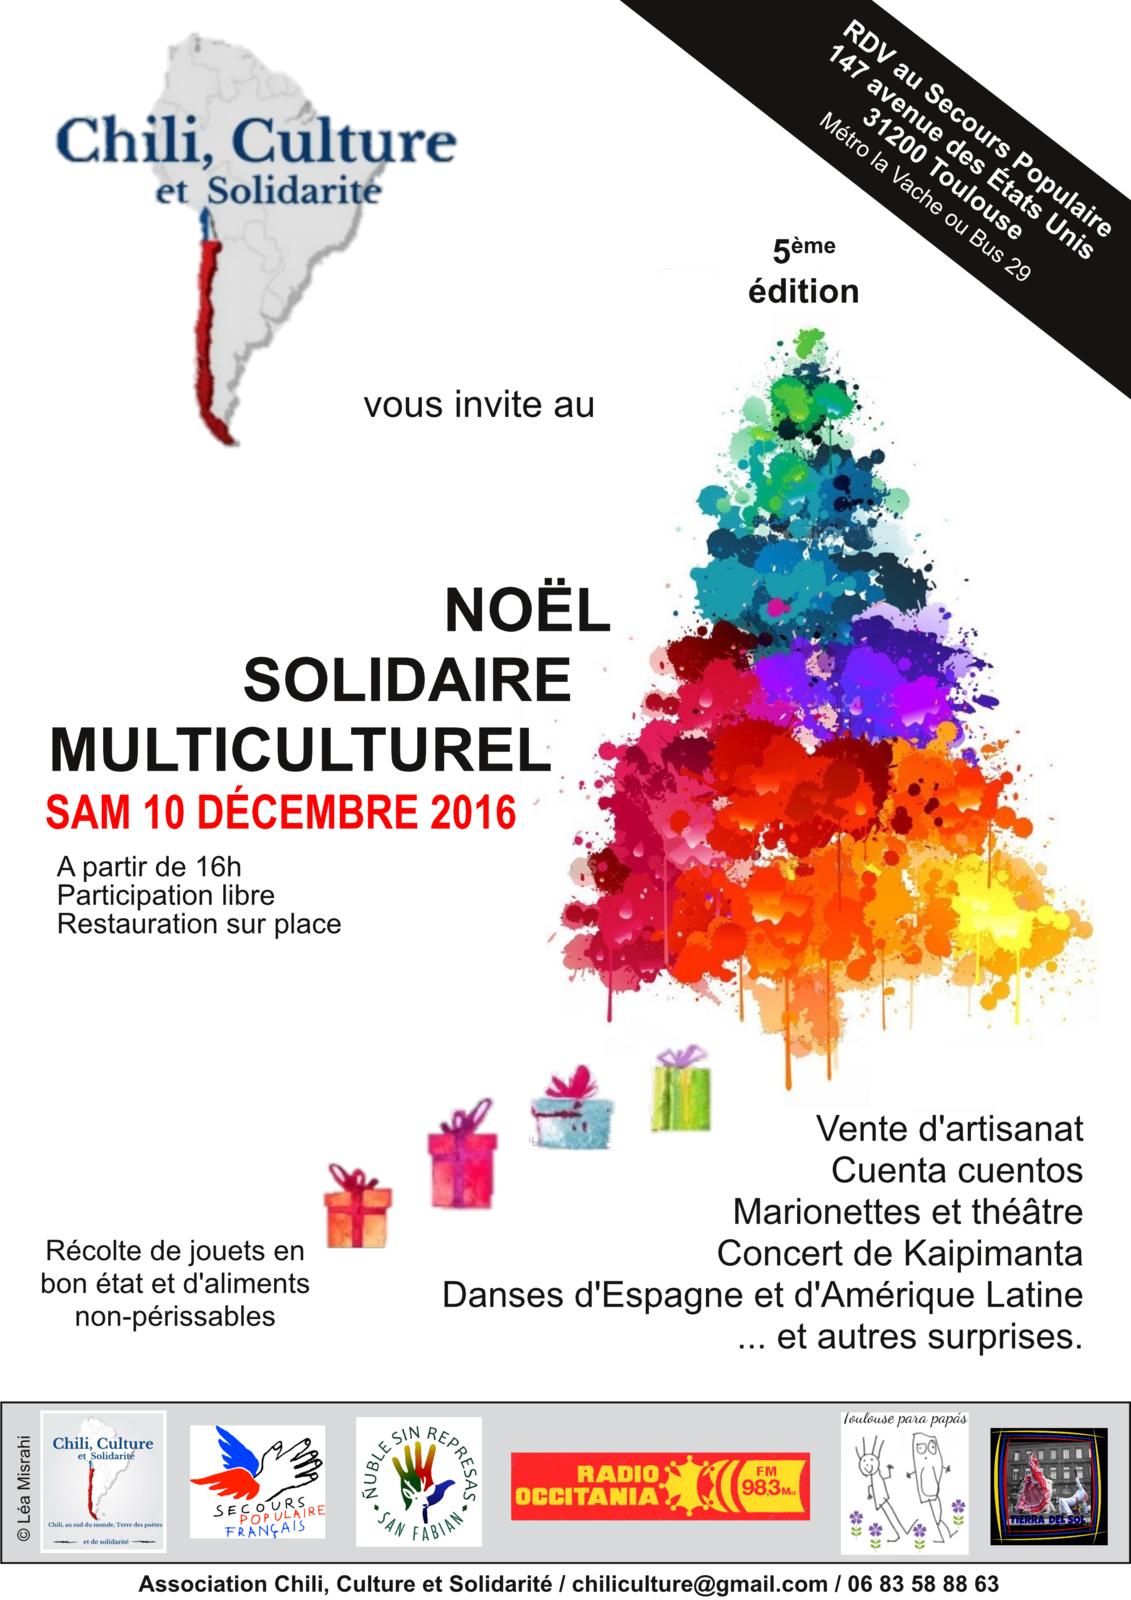 """Samedi 10 décembre, 5ème édition """"Noël Solidaire Multiculturel""""en partenariat avec l'association """"Toulouse para Papás"""""""